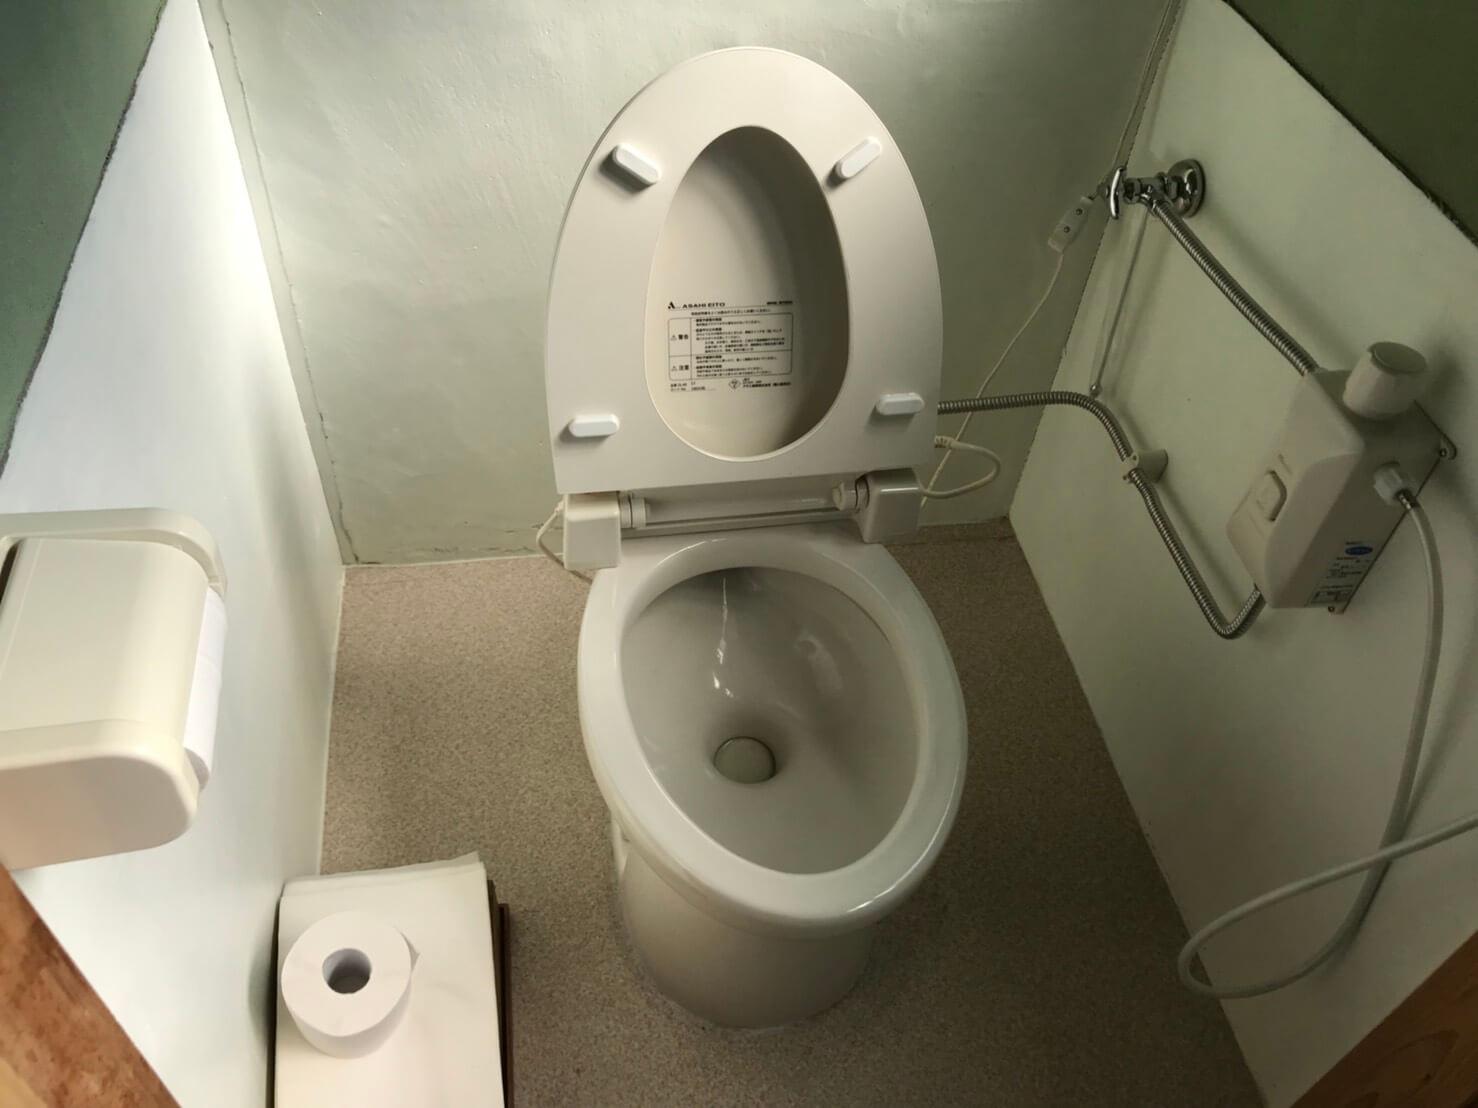 トイレは簡易水栓を使用されており、機能性がないトイレでした。